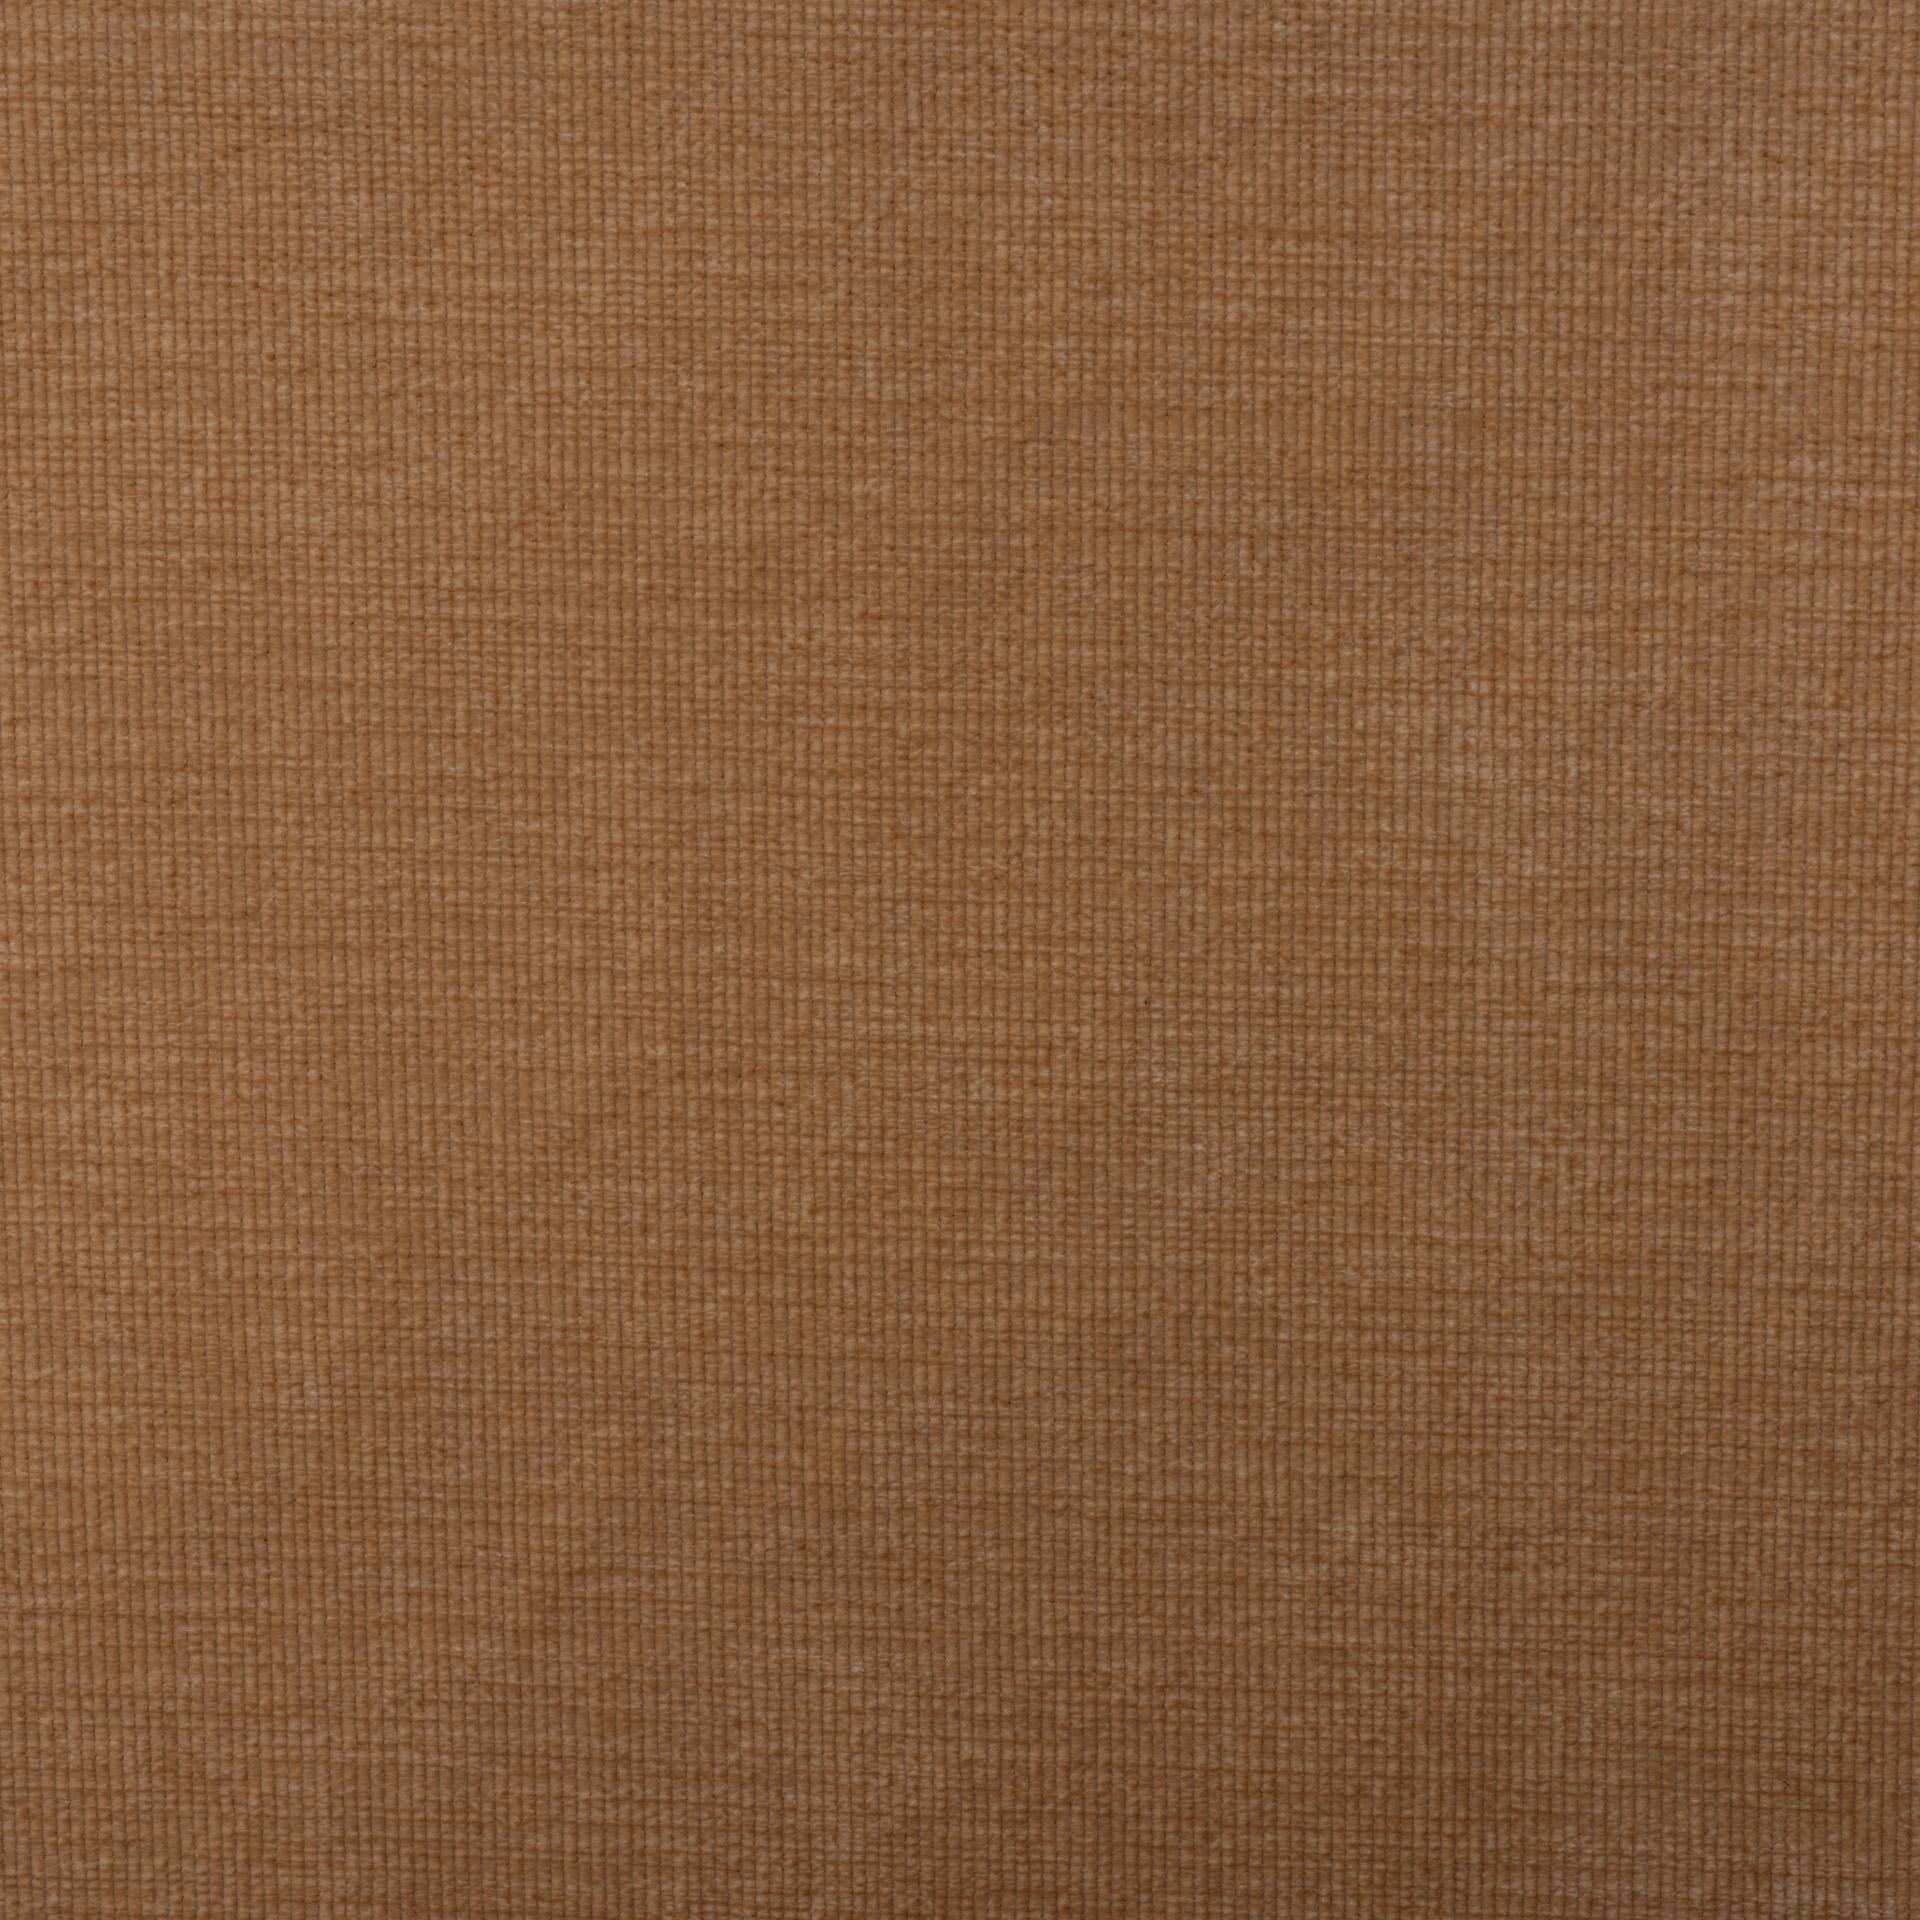 Коллекция ткани Кордрой 379,  купить ткань Велюр для мебели Украина